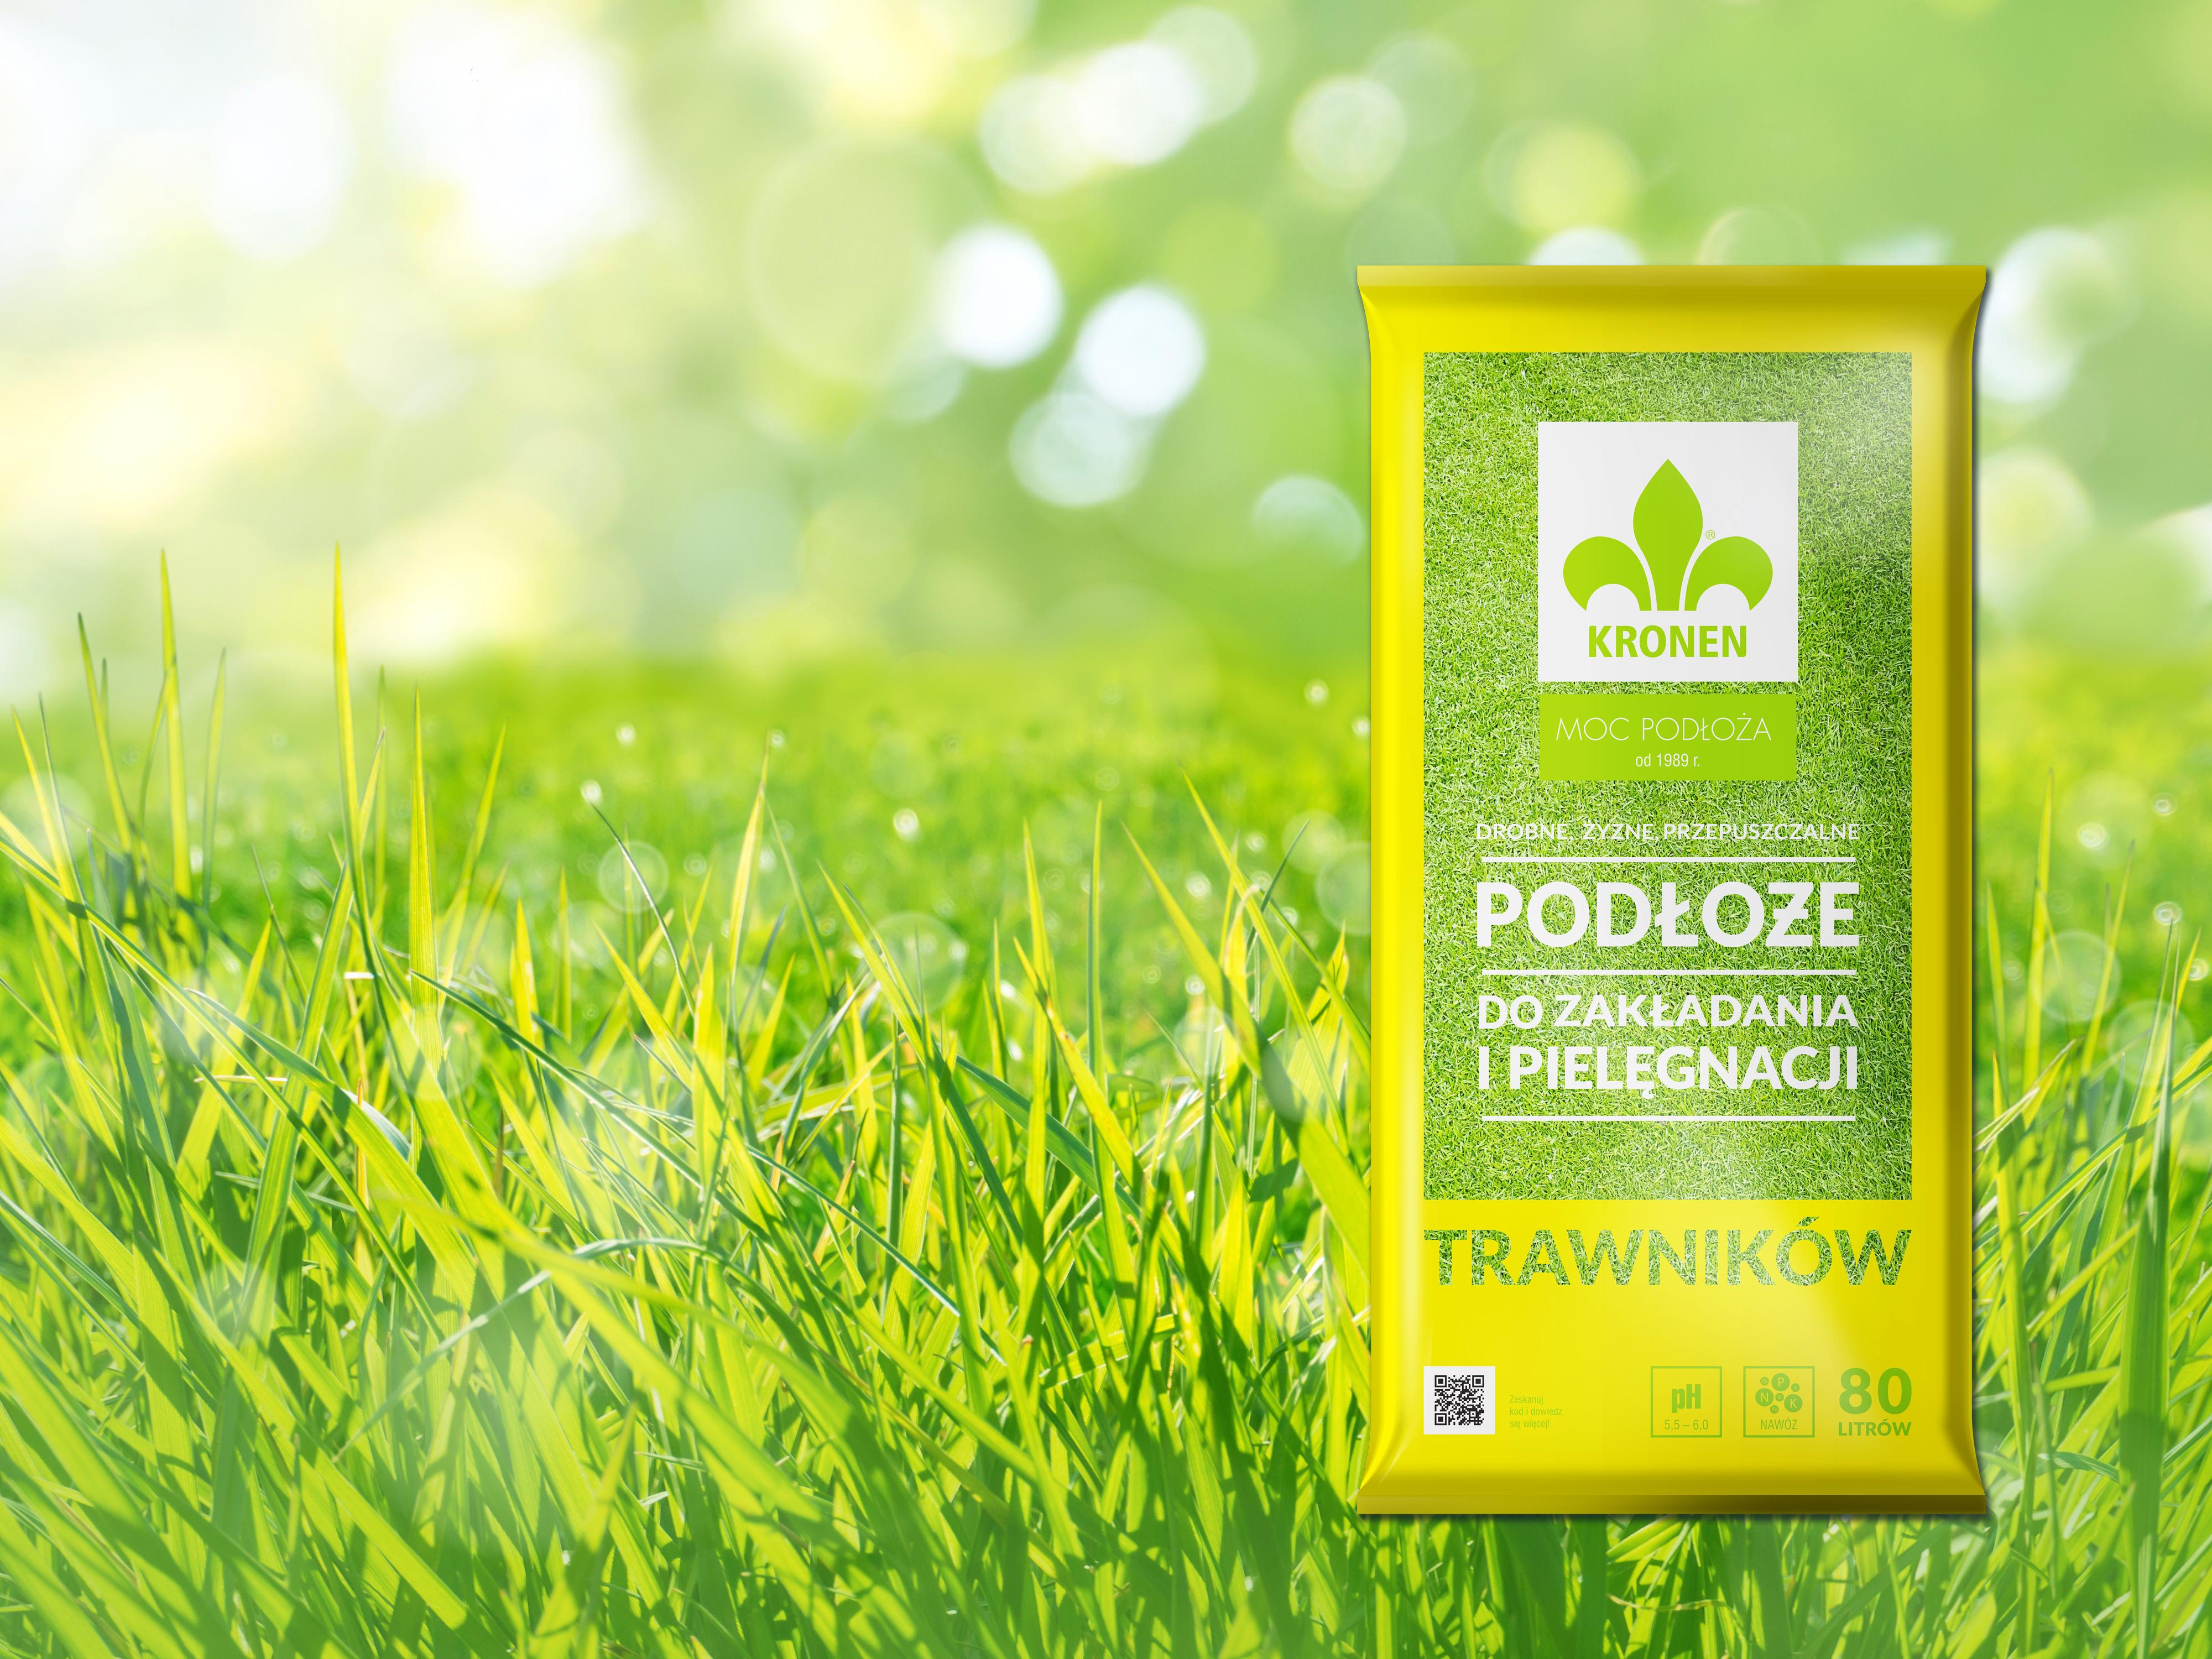 Zdj. 1. Ziemię gliniastą powinno się wymieszać glebogryzarką z właściwym gruntem, wysiać nasiona trawy, a następnie przykryć je minimum centymetrową warstwą podłoża do trawników.